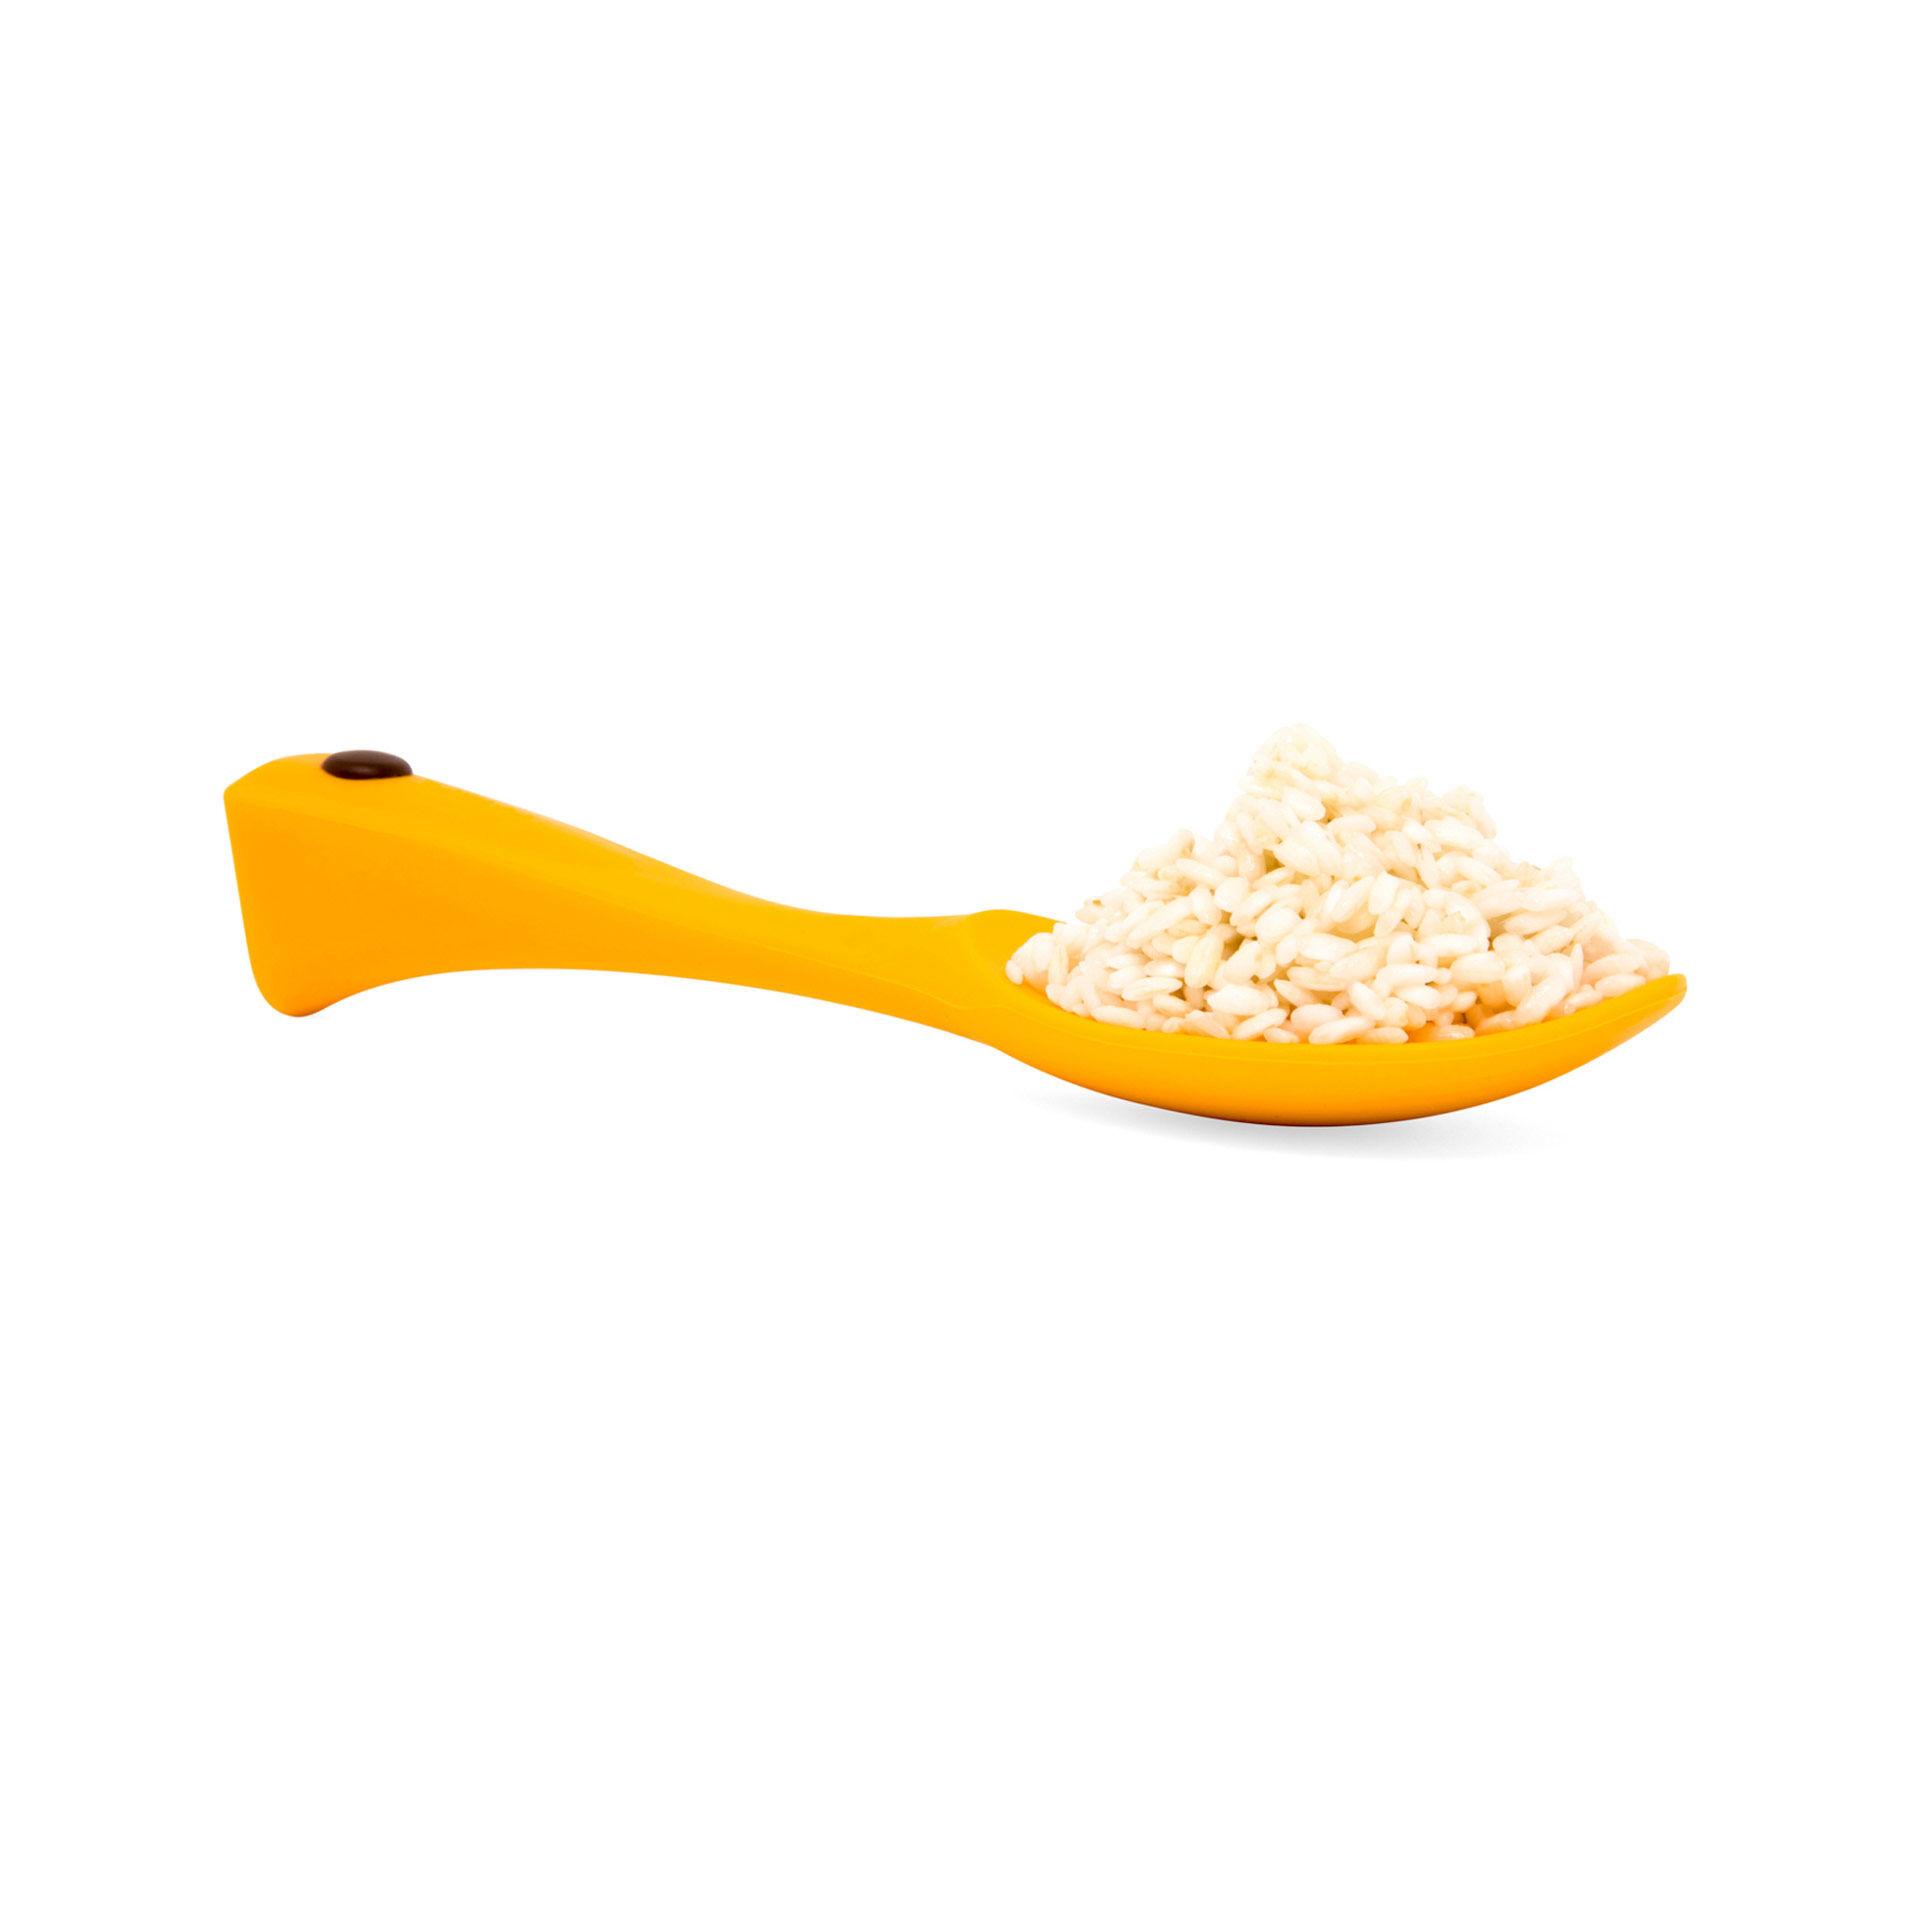 Cuillère en silicone pour le riz, , large